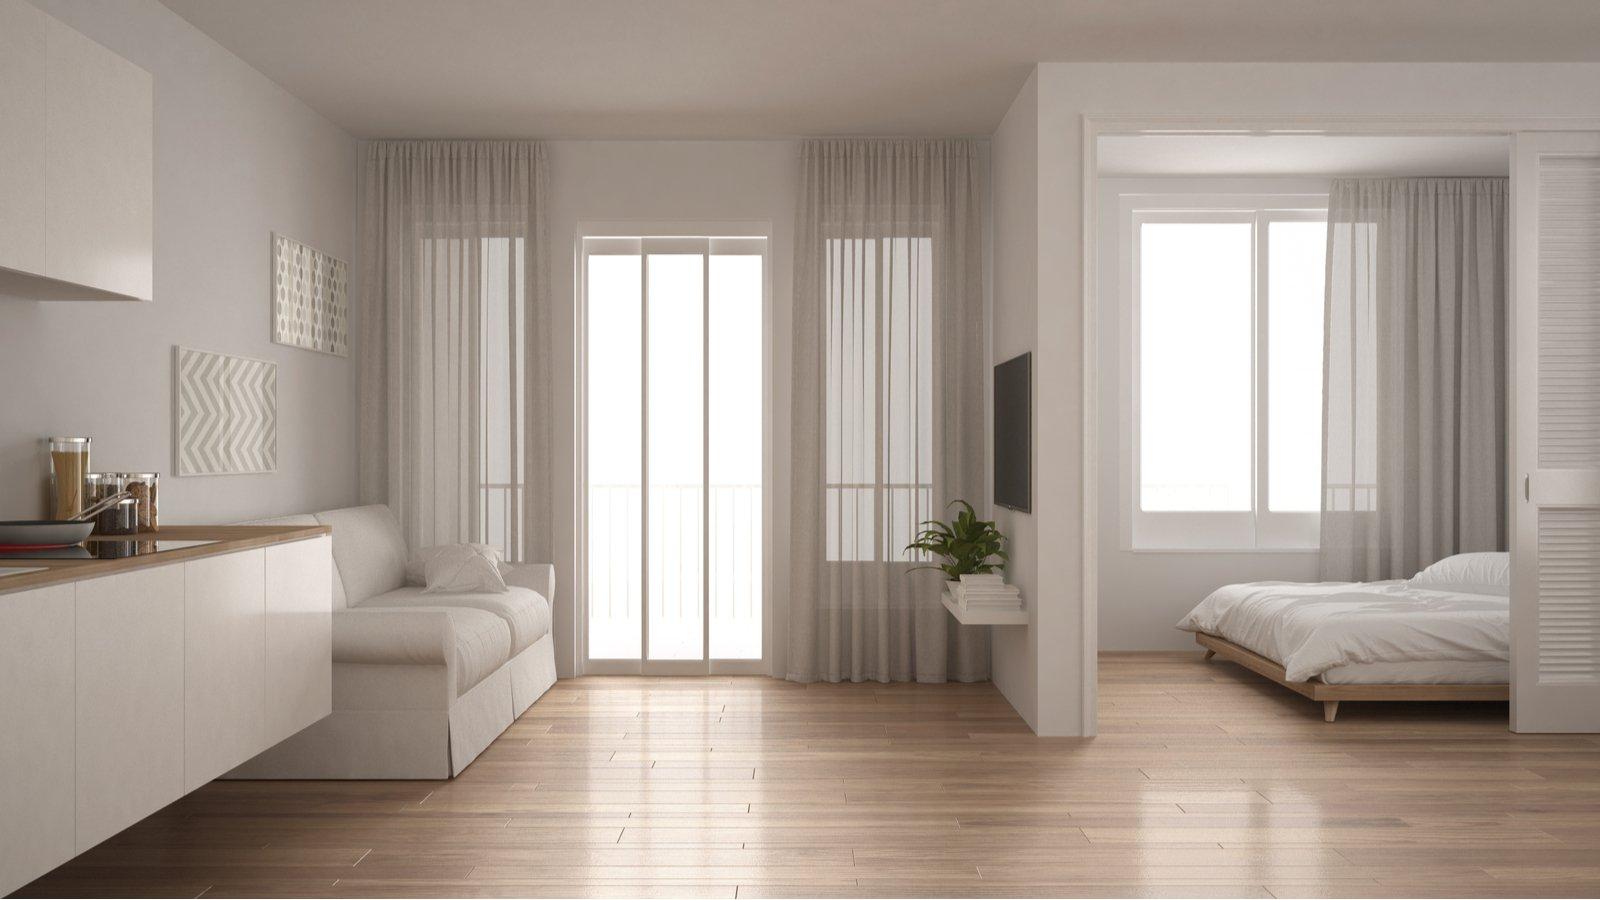 1 Bedroom Apartment Storage Size